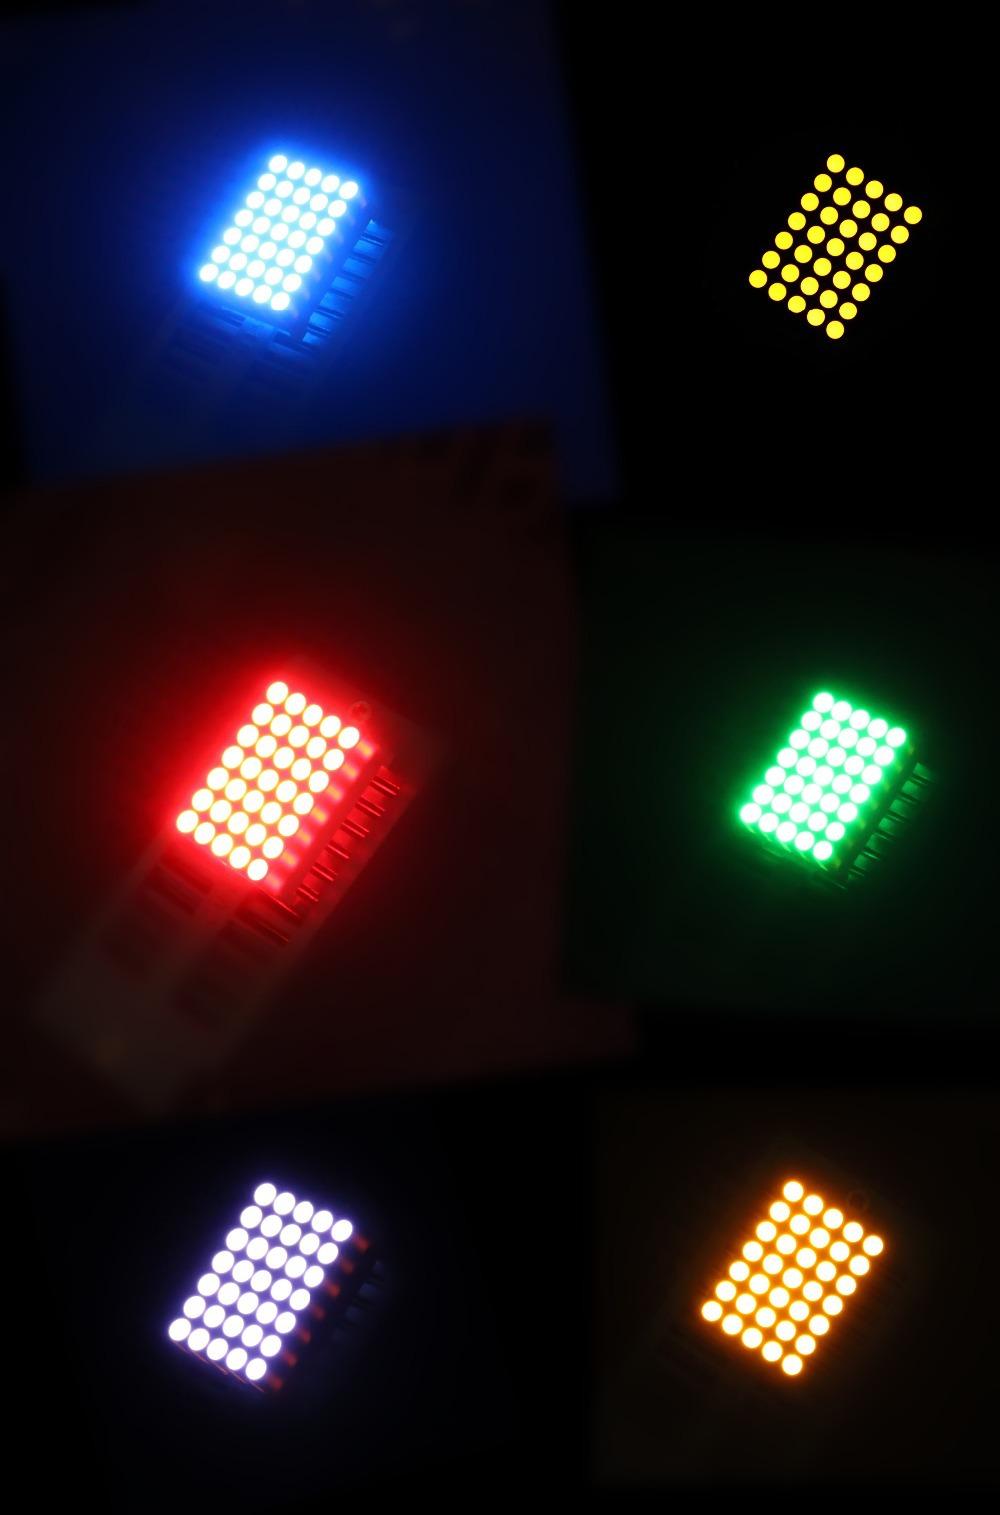 Kaufen Houkem-7057-BSR Super Red 1,9 mm runder Punkt 5x7 LED-Punktmatrix;Houkem-7057-BSR Super Red 1,9 mm runder Punkt 5x7 LED-Punktmatrix Preis;Houkem-7057-BSR Super Red 1,9 mm runder Punkt 5x7 LED-Punktmatrix Marken;Houkem-7057-BSR Super Red 1,9 mm runder Punkt 5x7 LED-Punktmatrix Hersteller;Houkem-7057-BSR Super Red 1,9 mm runder Punkt 5x7 LED-Punktmatrix Zitat;Houkem-7057-BSR Super Red 1,9 mm runder Punkt 5x7 LED-Punktmatrix Unternehmen